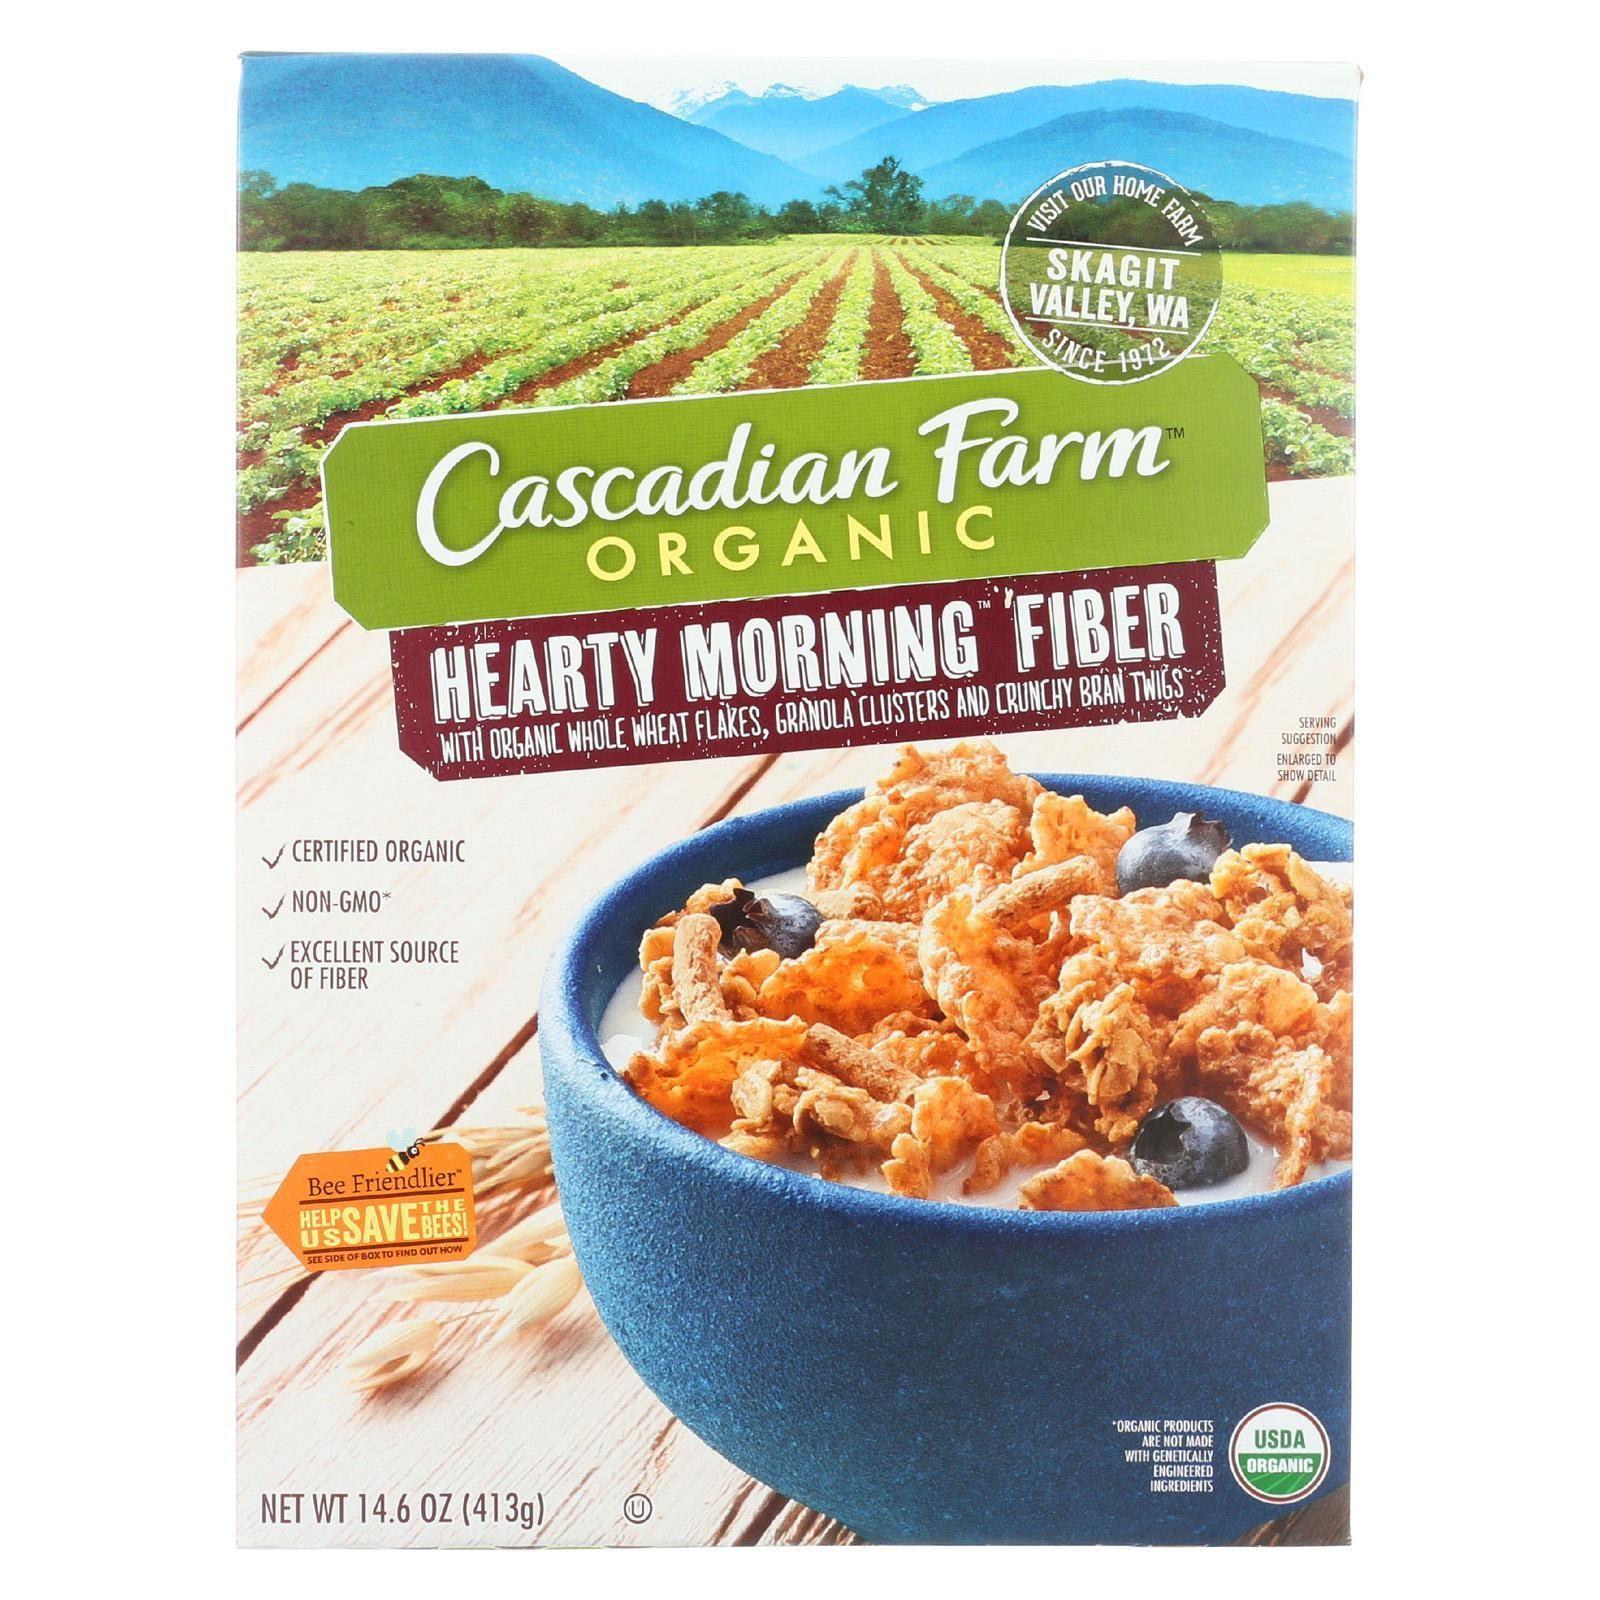 Cascadian Farm Organic Cereal: Cascadian Farm Organic Cereal